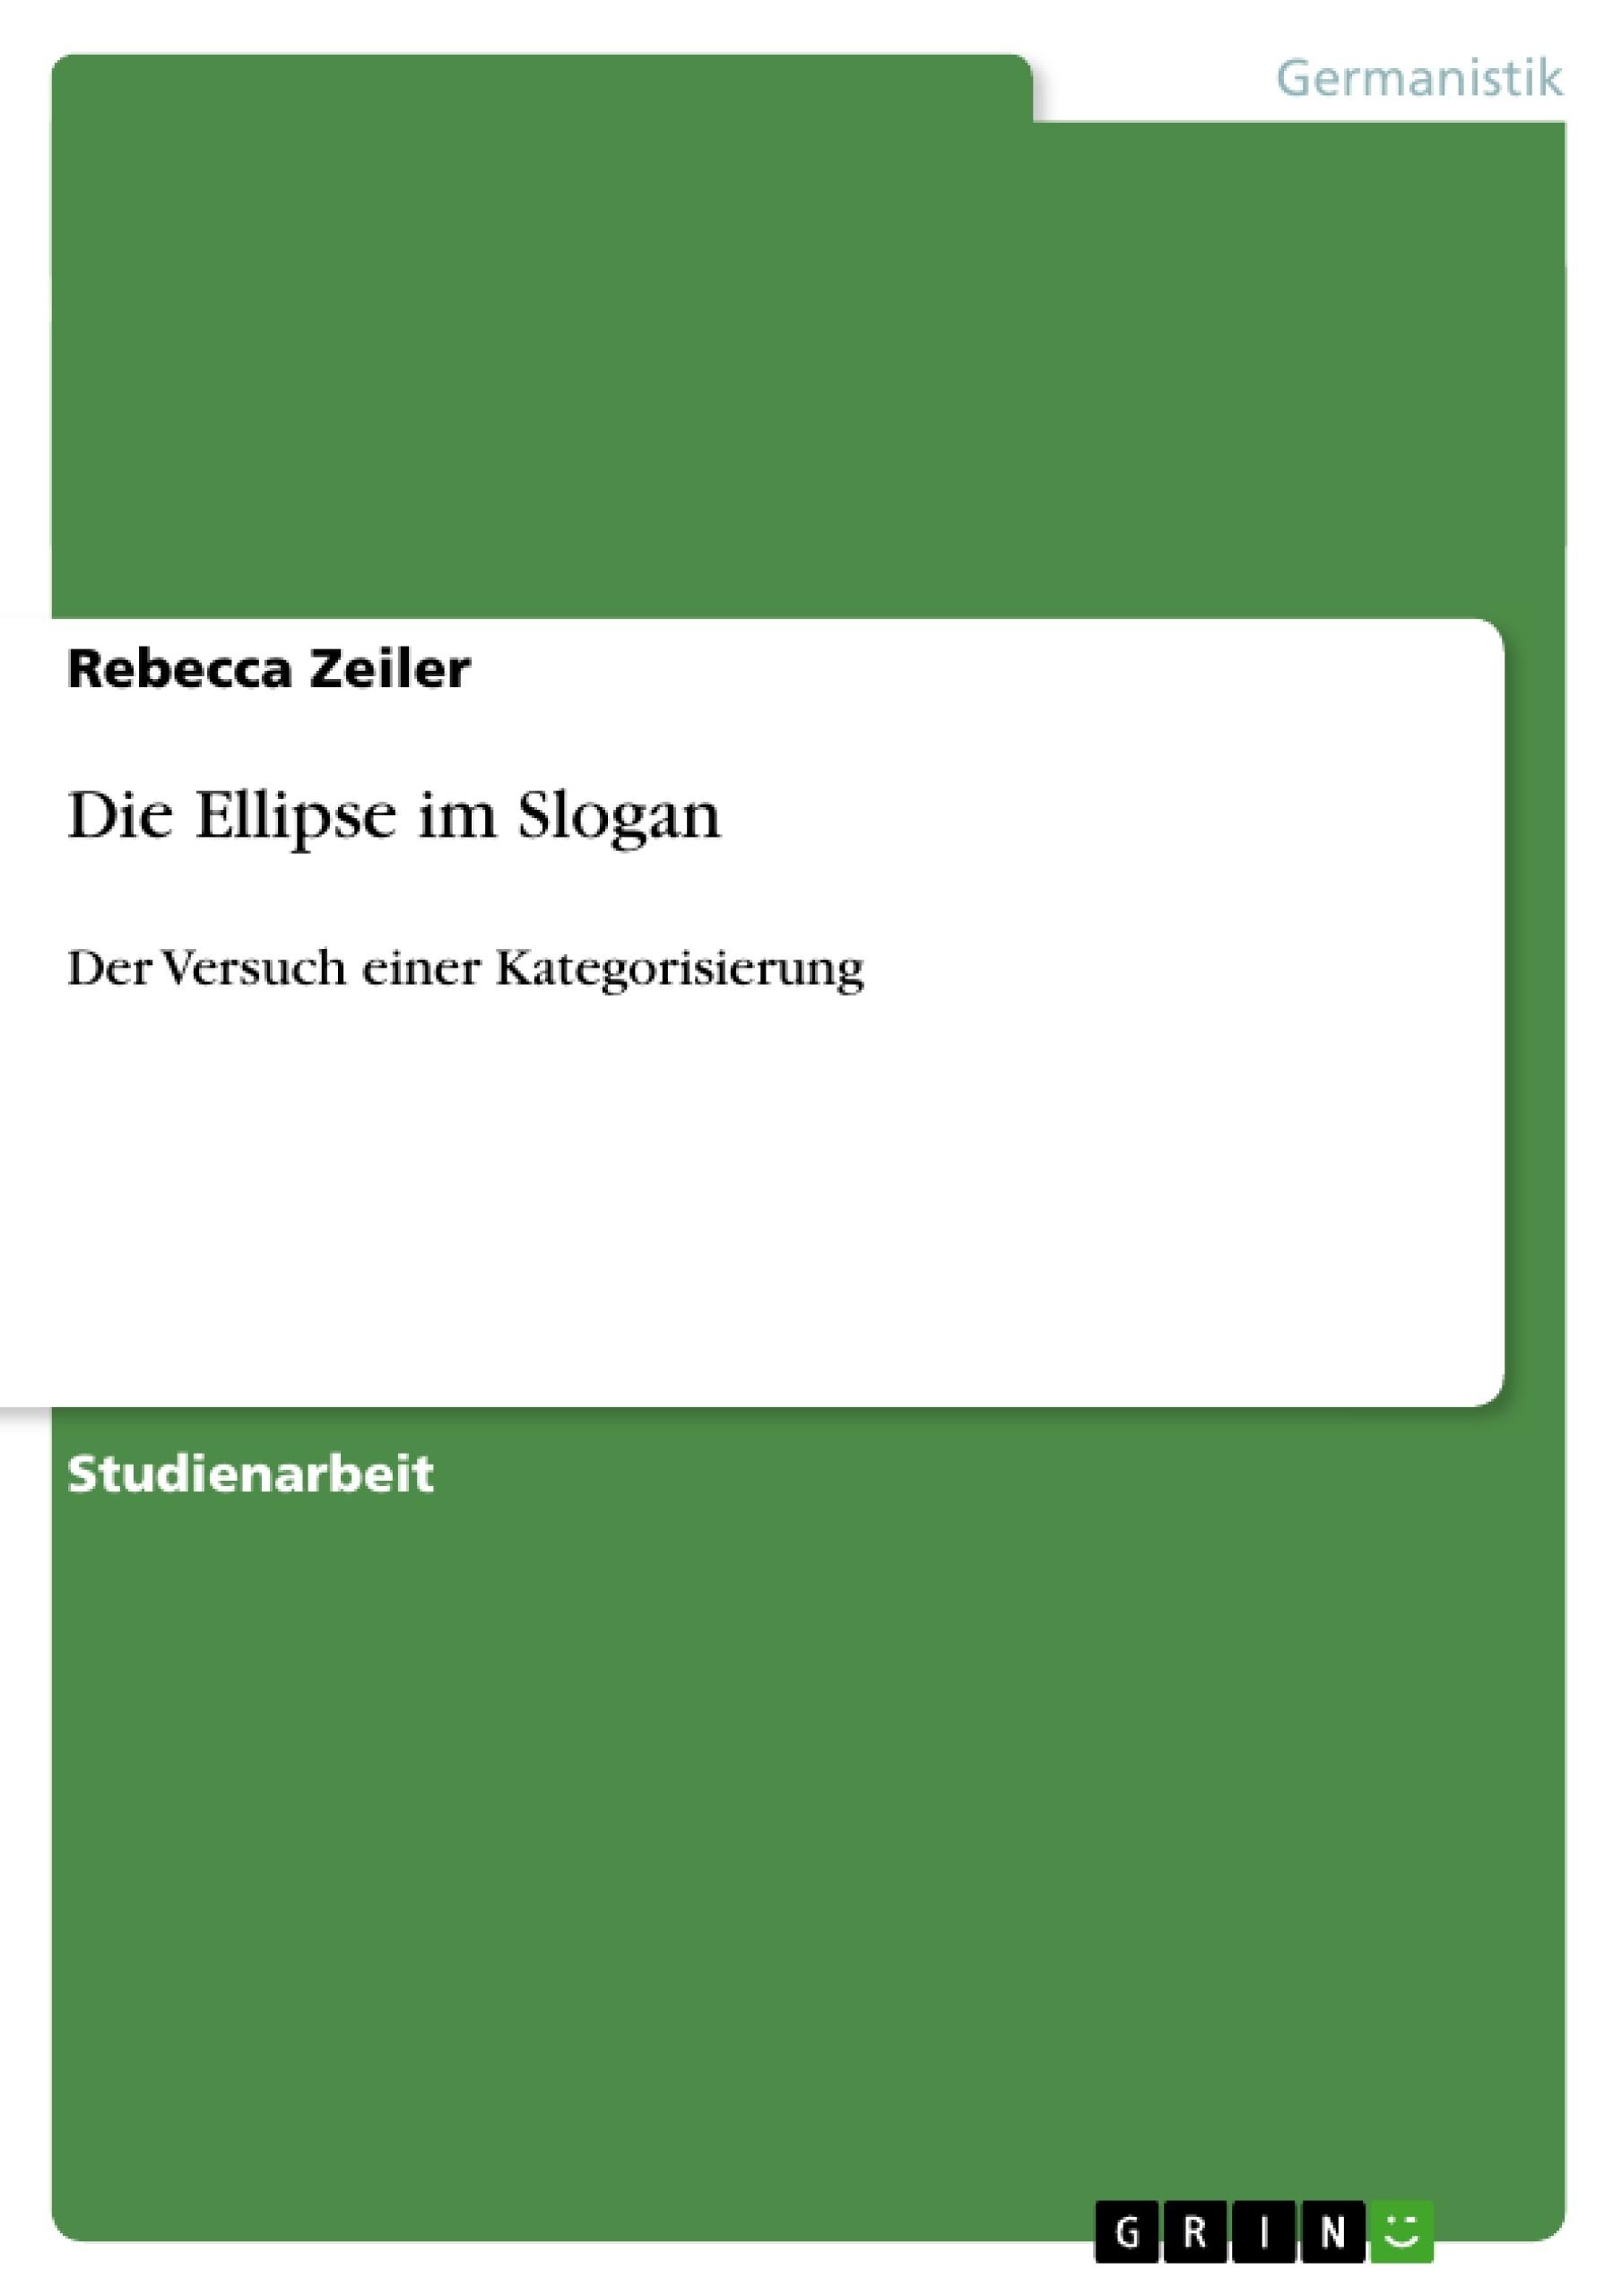 Titel: Die Ellipse im Slogan